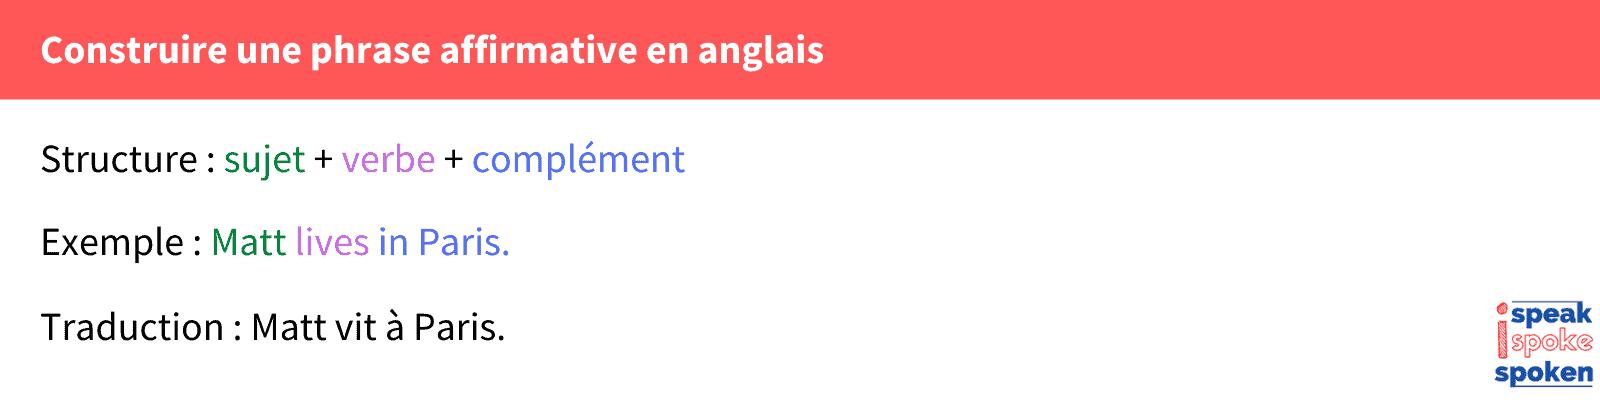 syntaxe phrase affirmative anglais